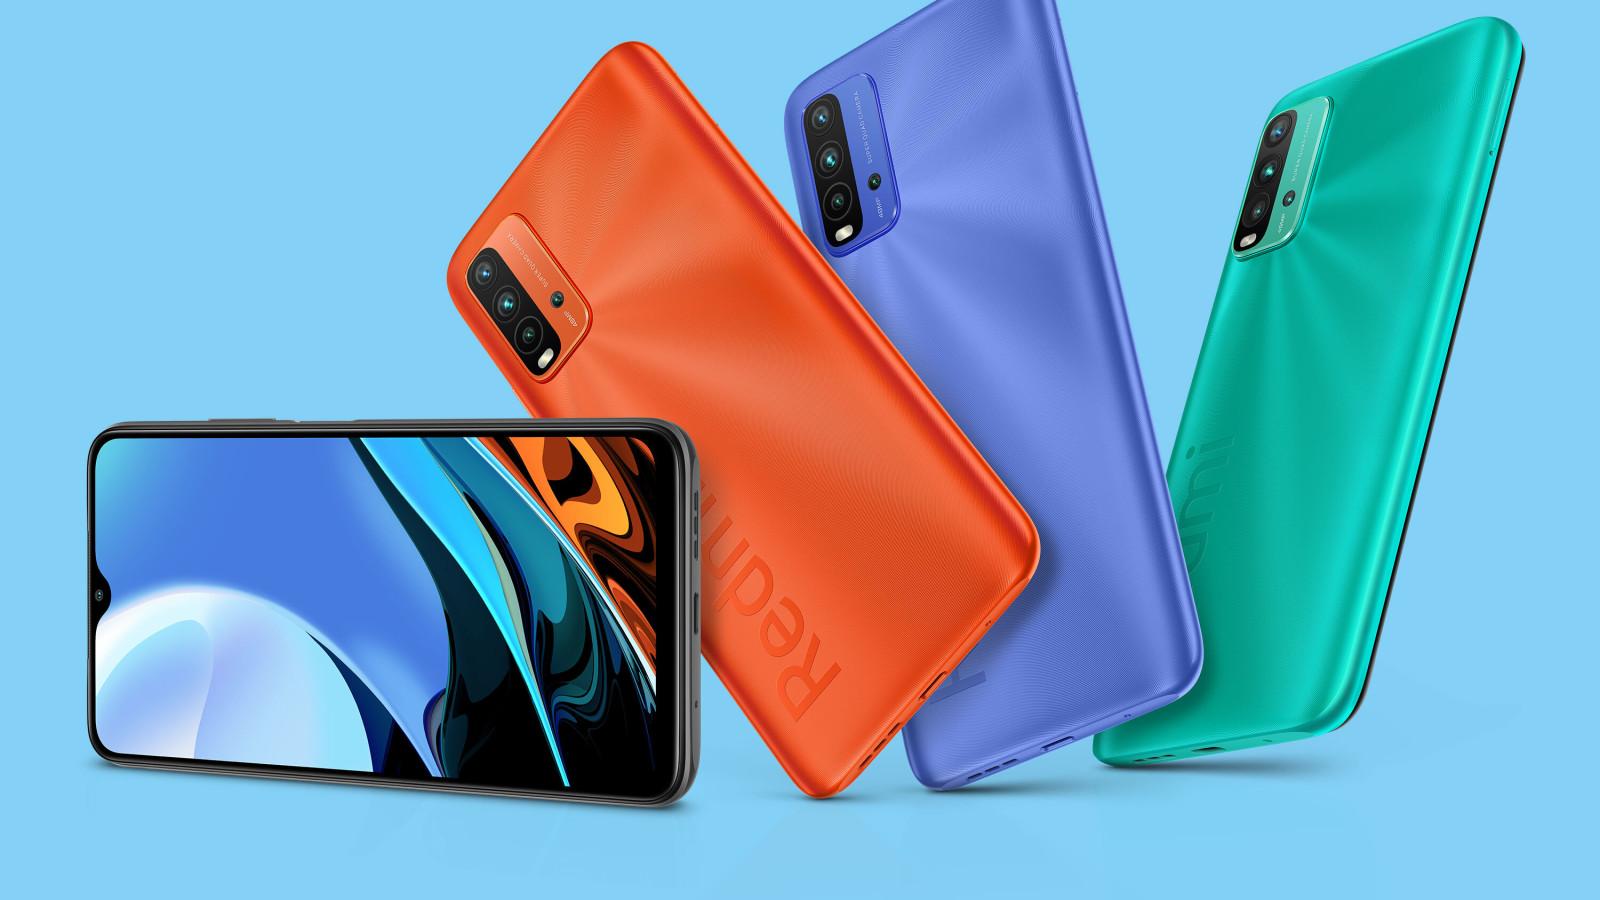 Xiaomi präsentiert zwei neue Smartphones mit großem Akku und Mehrfachkamera